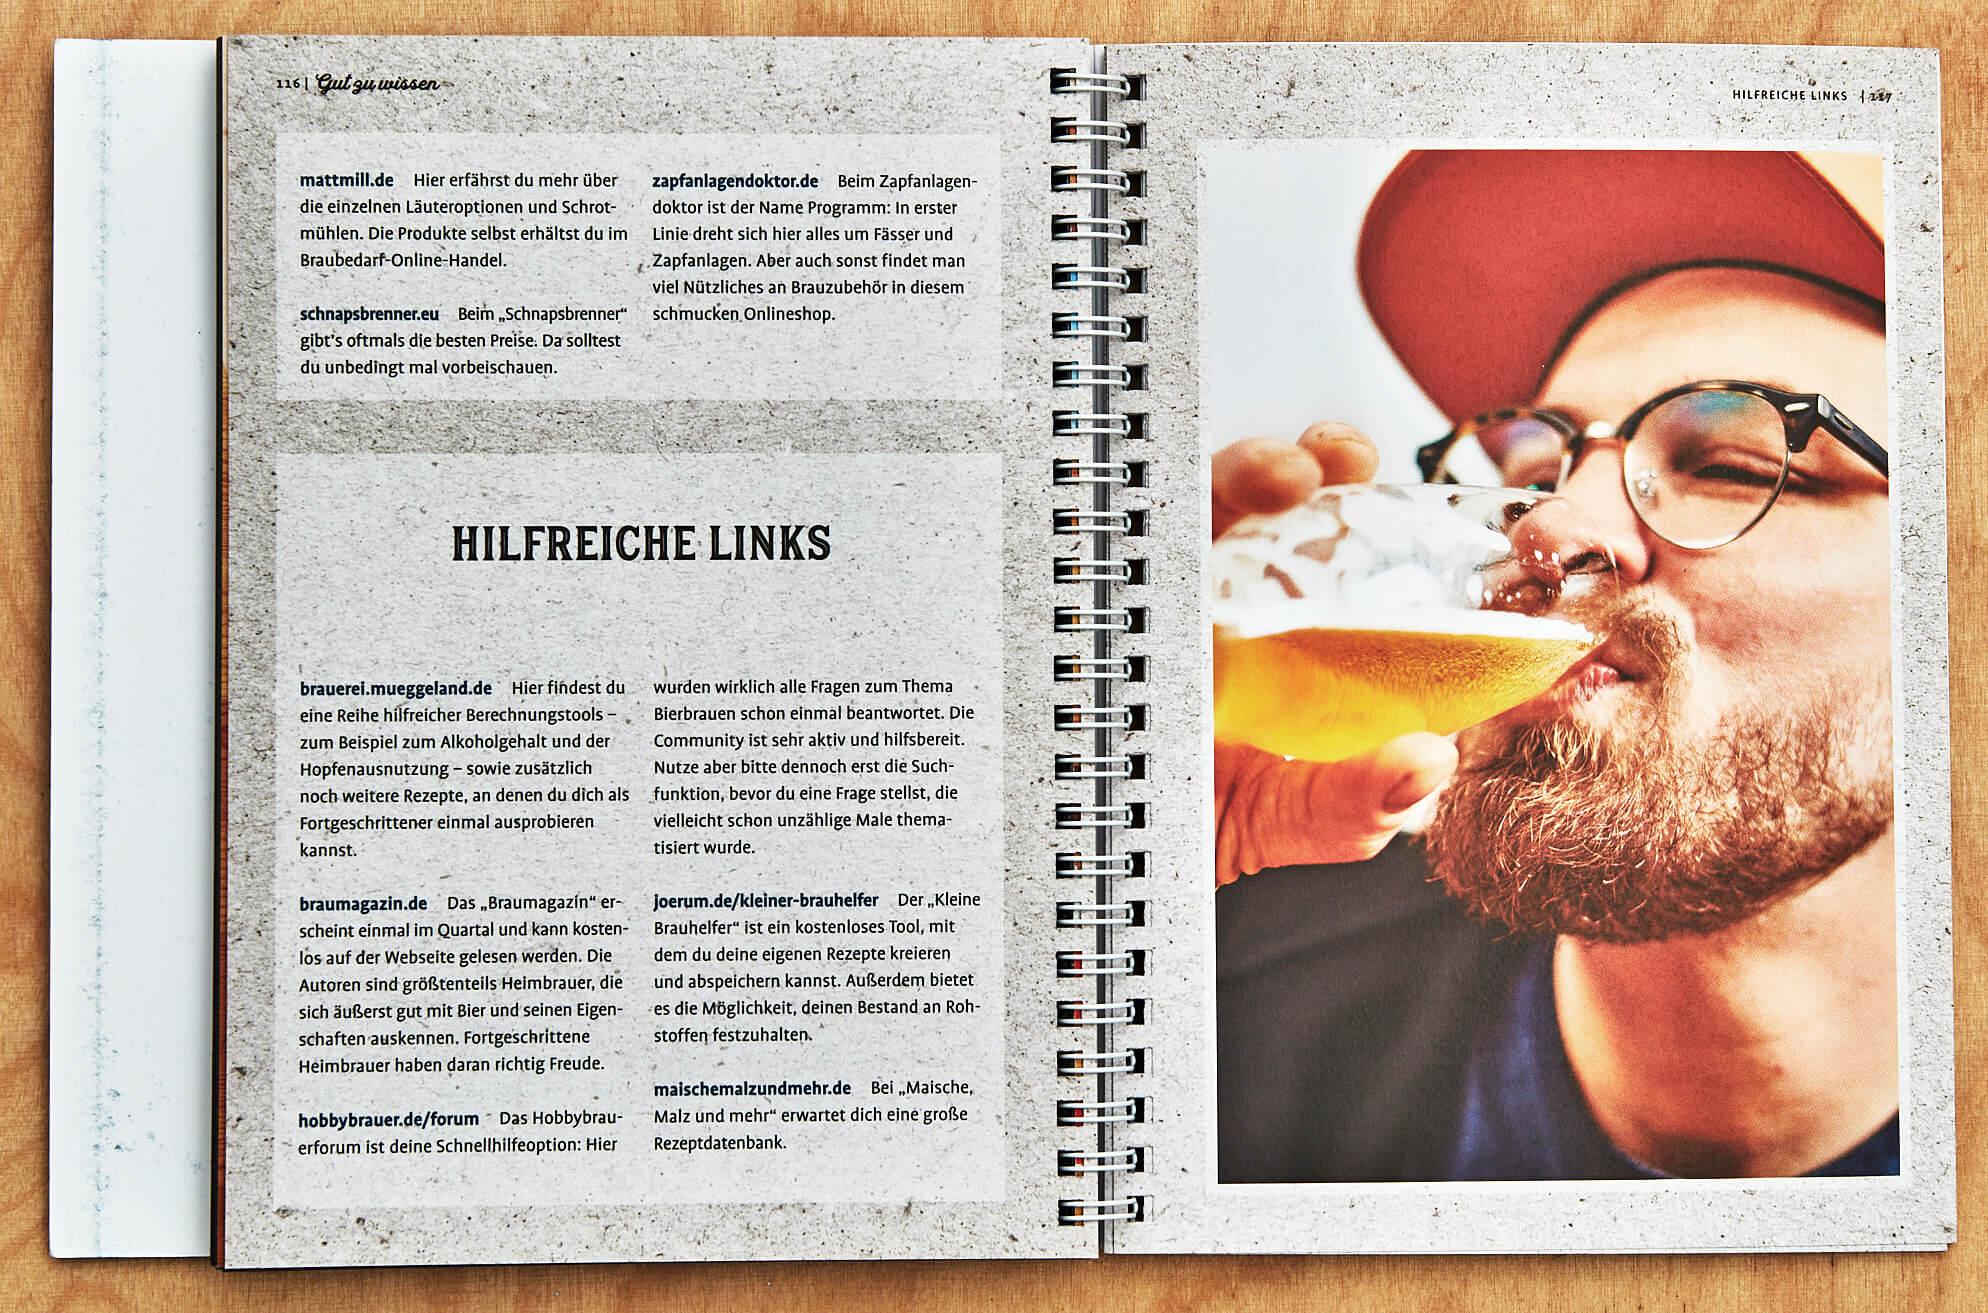 Bierbuecher_36